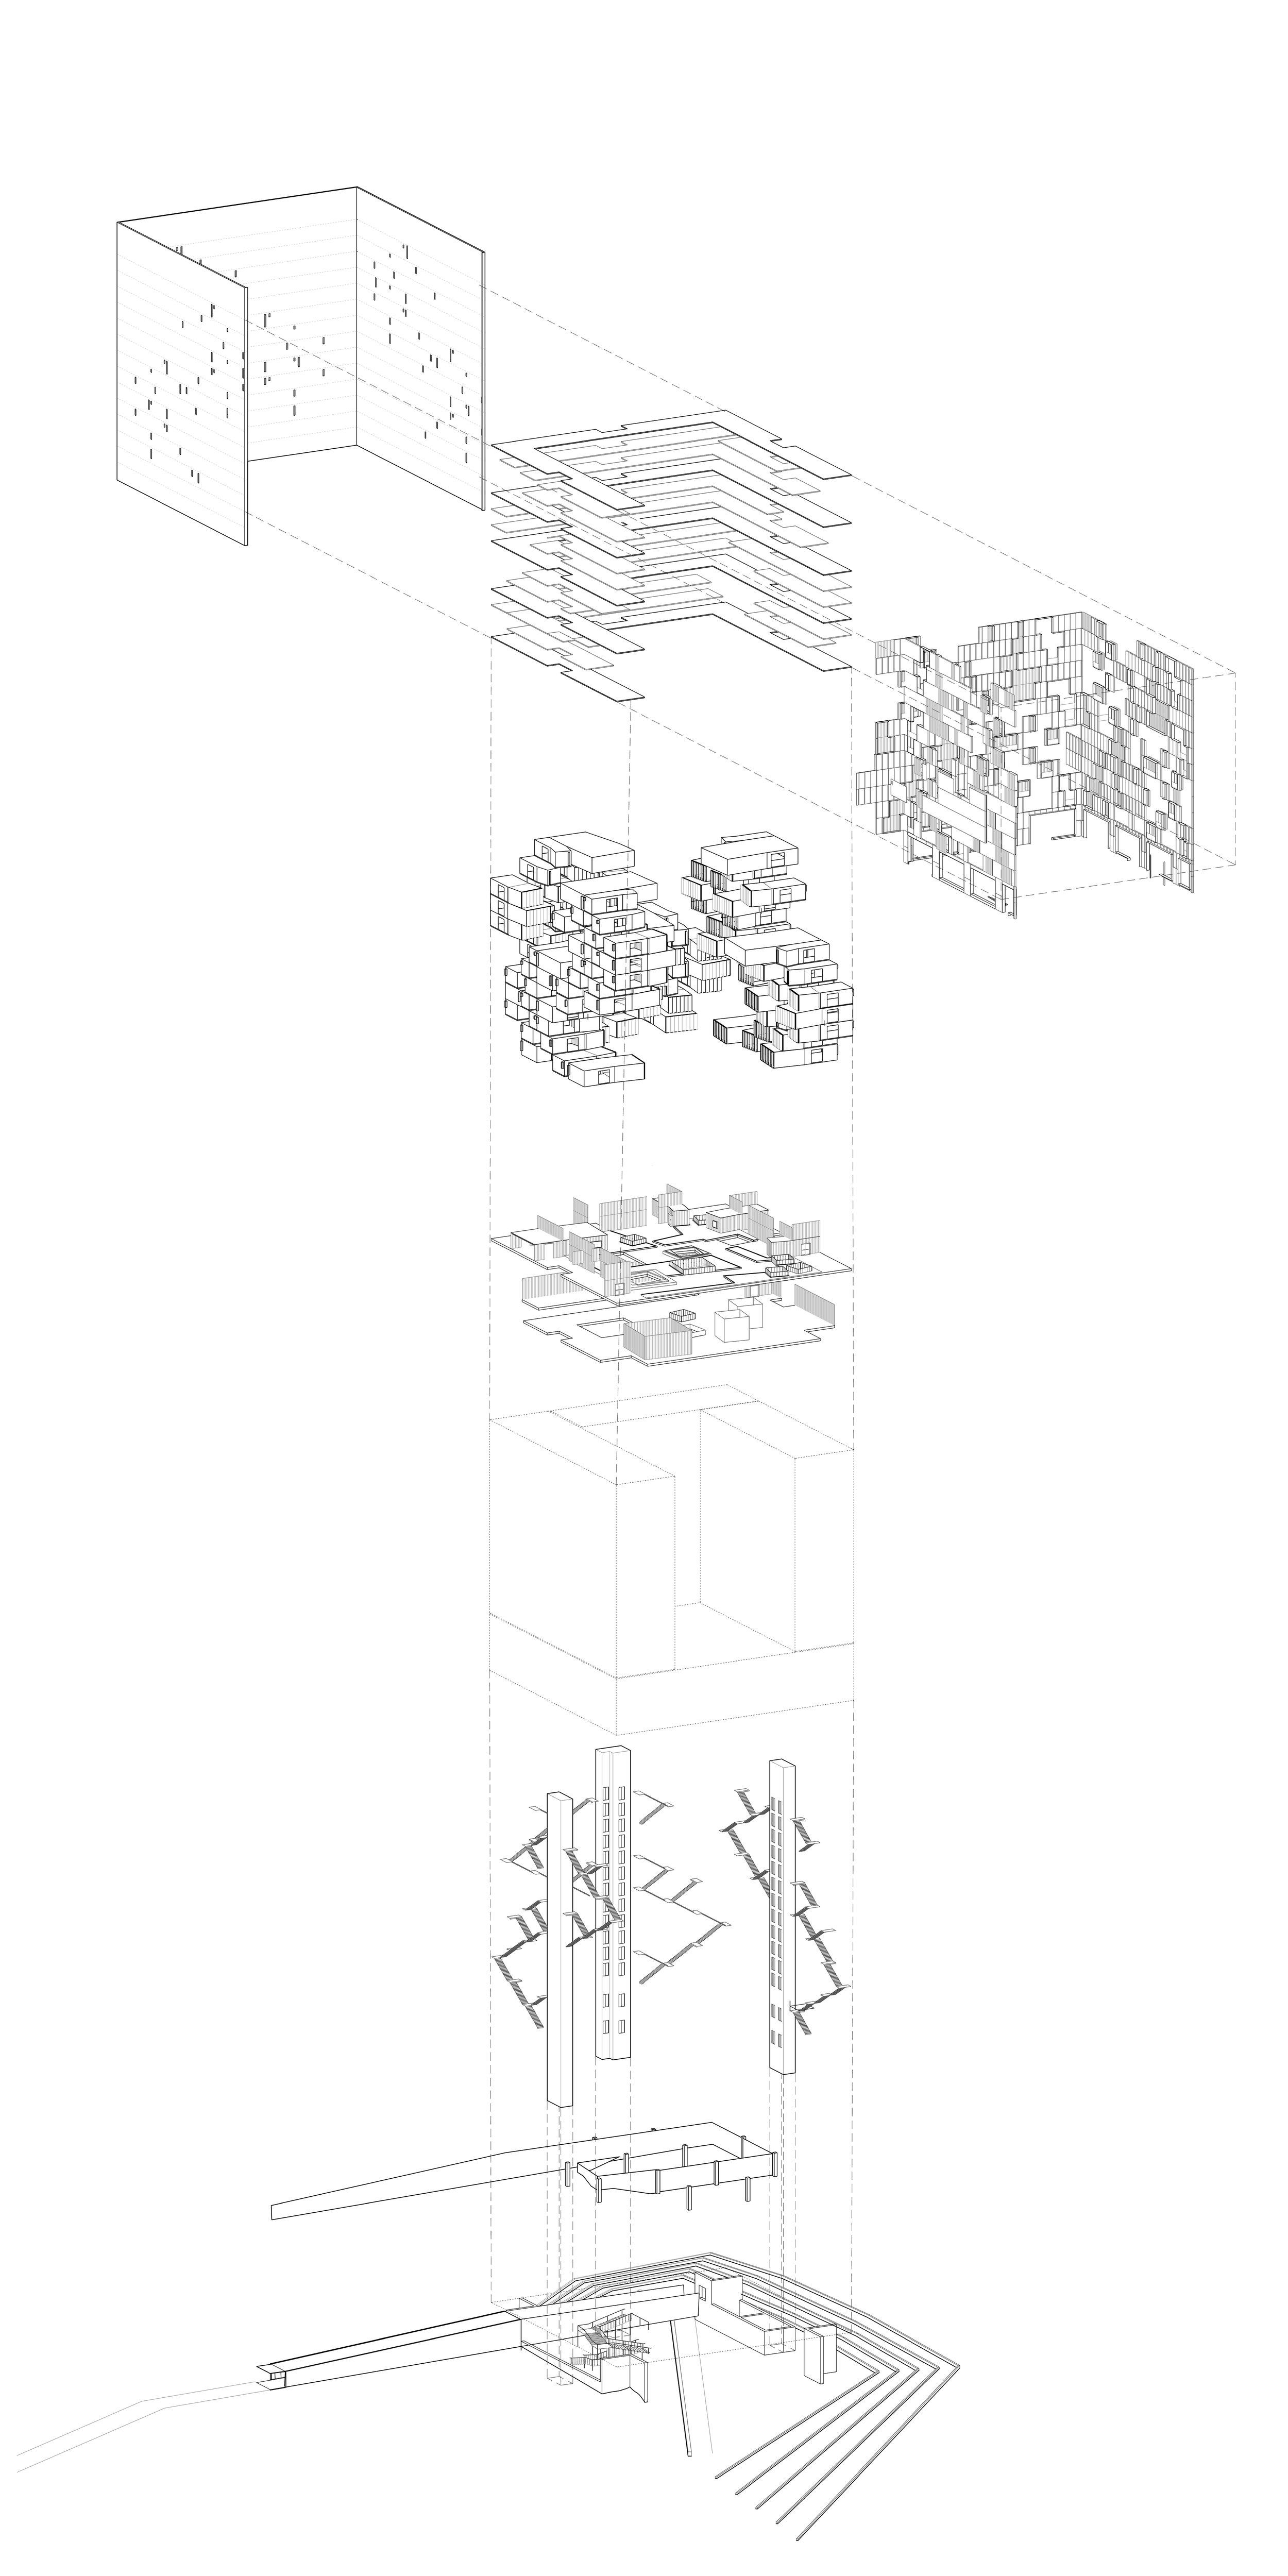 DP_Dean_Taurasi_Axon Diagram.jpg